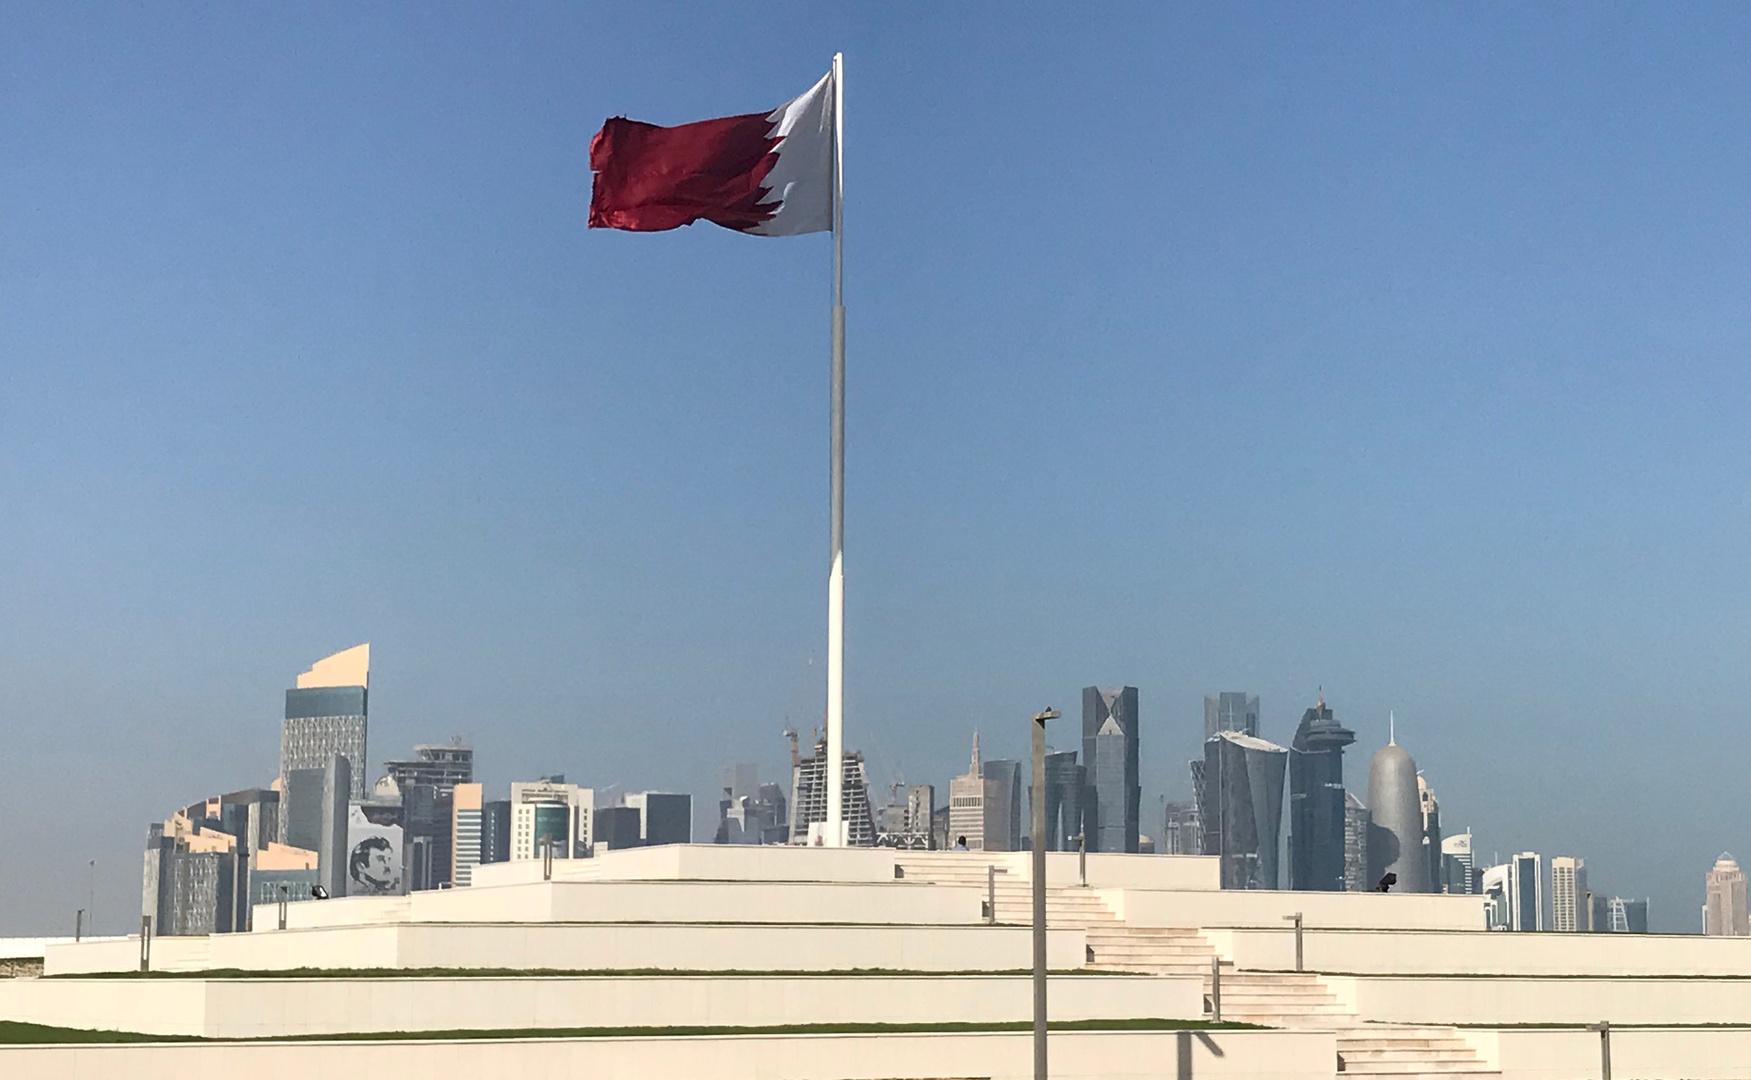 قطر تدين محاولتي استهداف الحوثيين مطار أبها السعودي